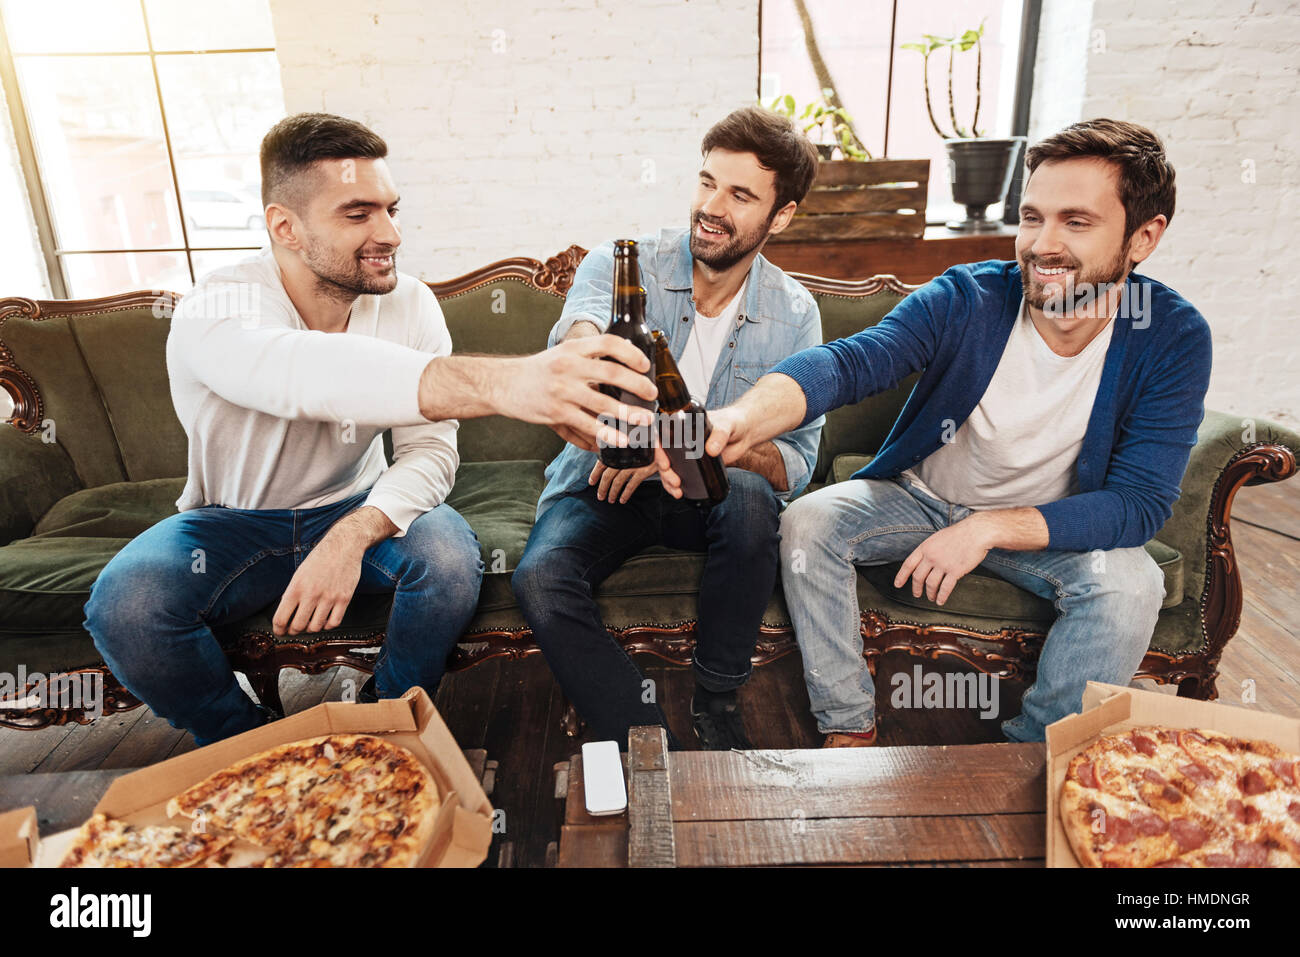 Les hommes joyeux positif pour les bouteilles de bière de pain grillé Photo Stock